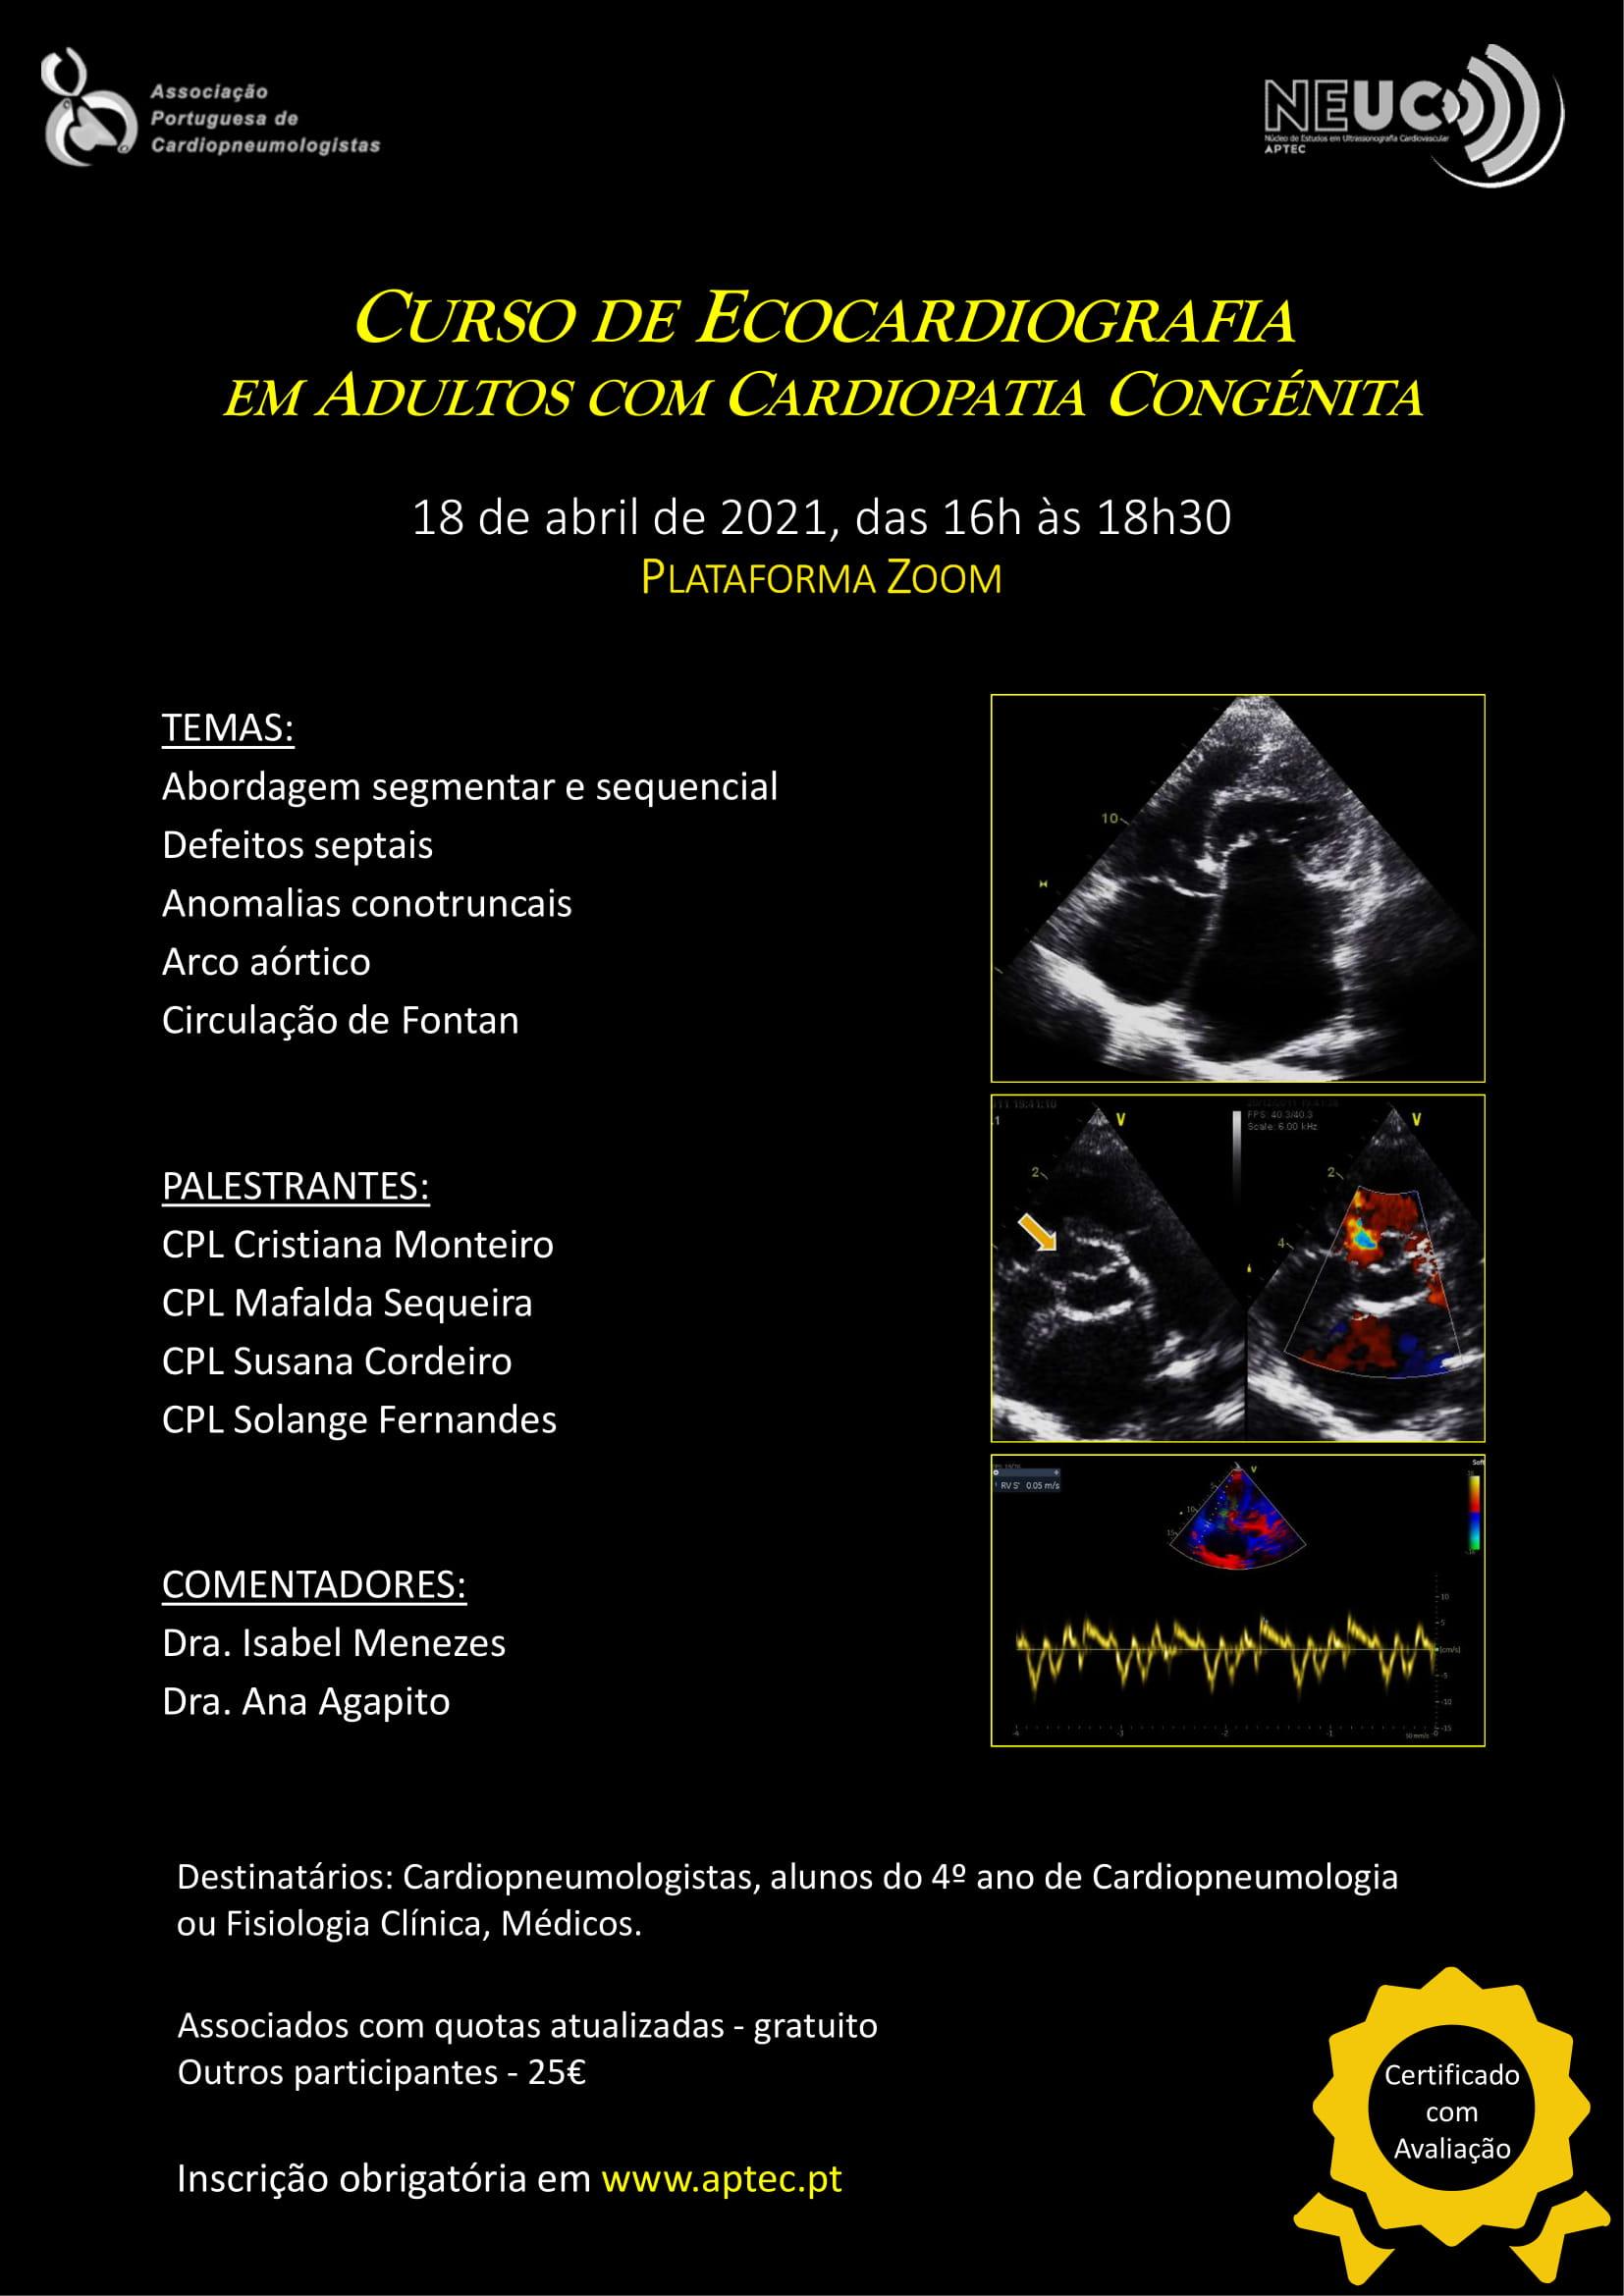 Curso de Ecocardiografia em Adultos com Cardiopatia Congénita